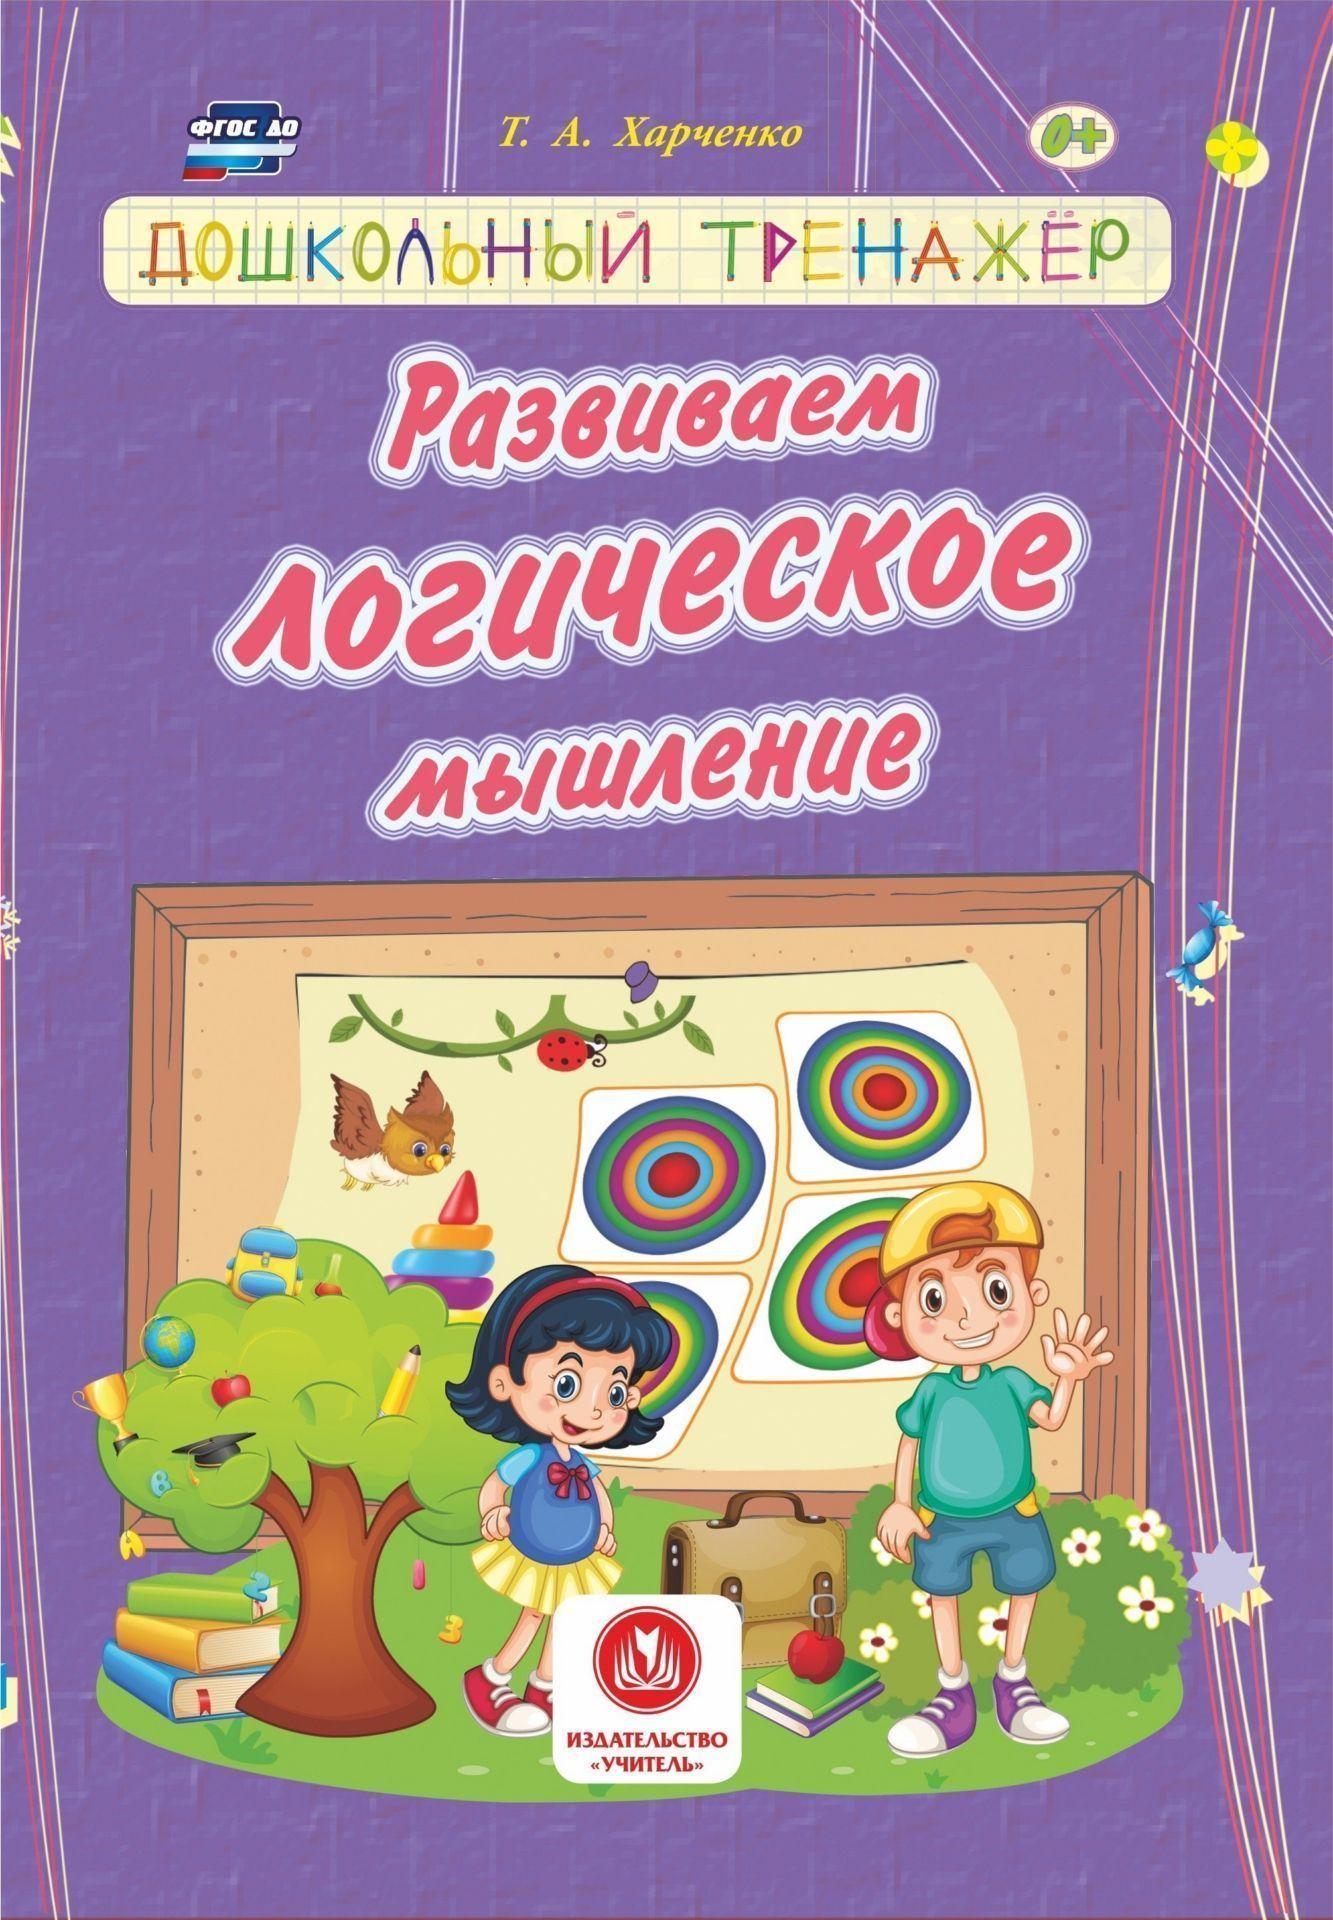 Развиваем логическое мышление Дошкольный тренажер: сборник развивающих заданий для детей дошкольного возраста